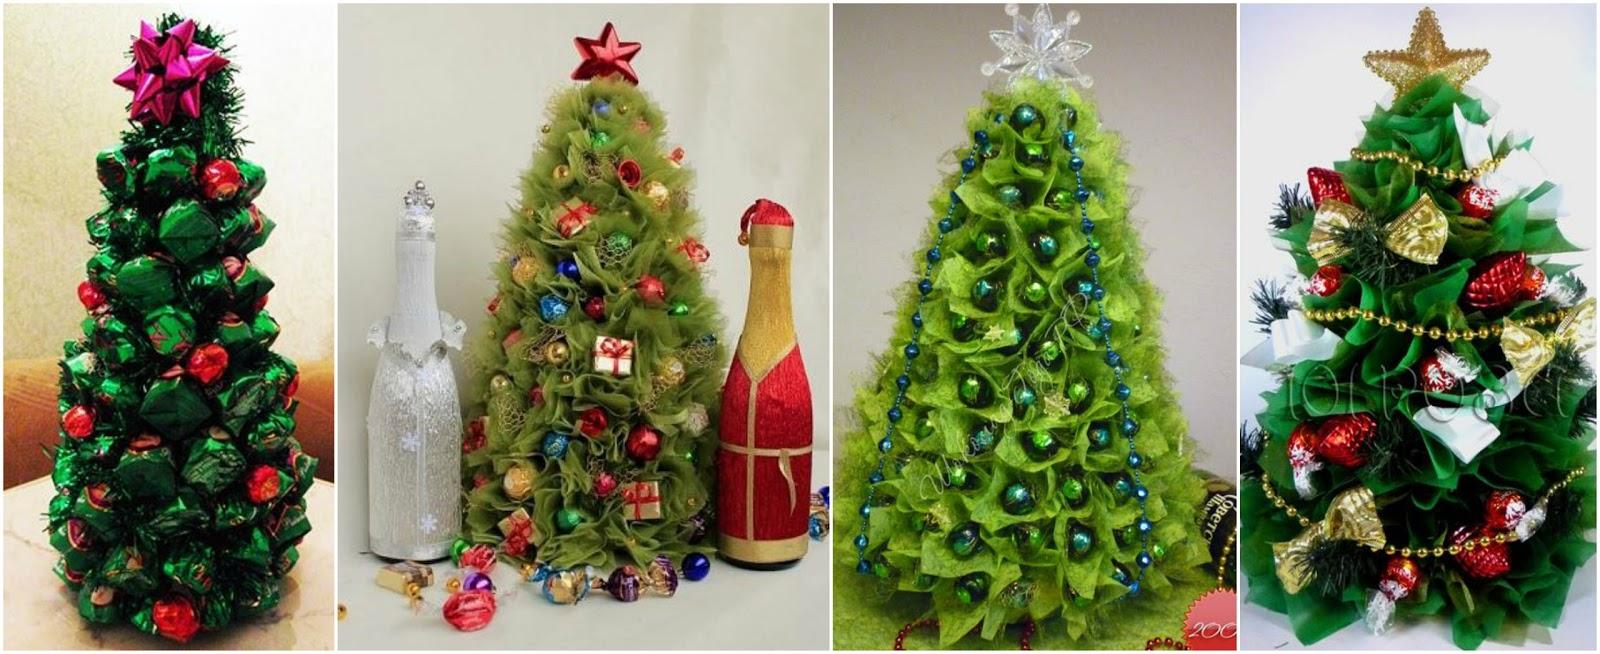 12 rboles navide os con dulces para ponerlo en la mesa - Comprar arboles de navidad decorados ...